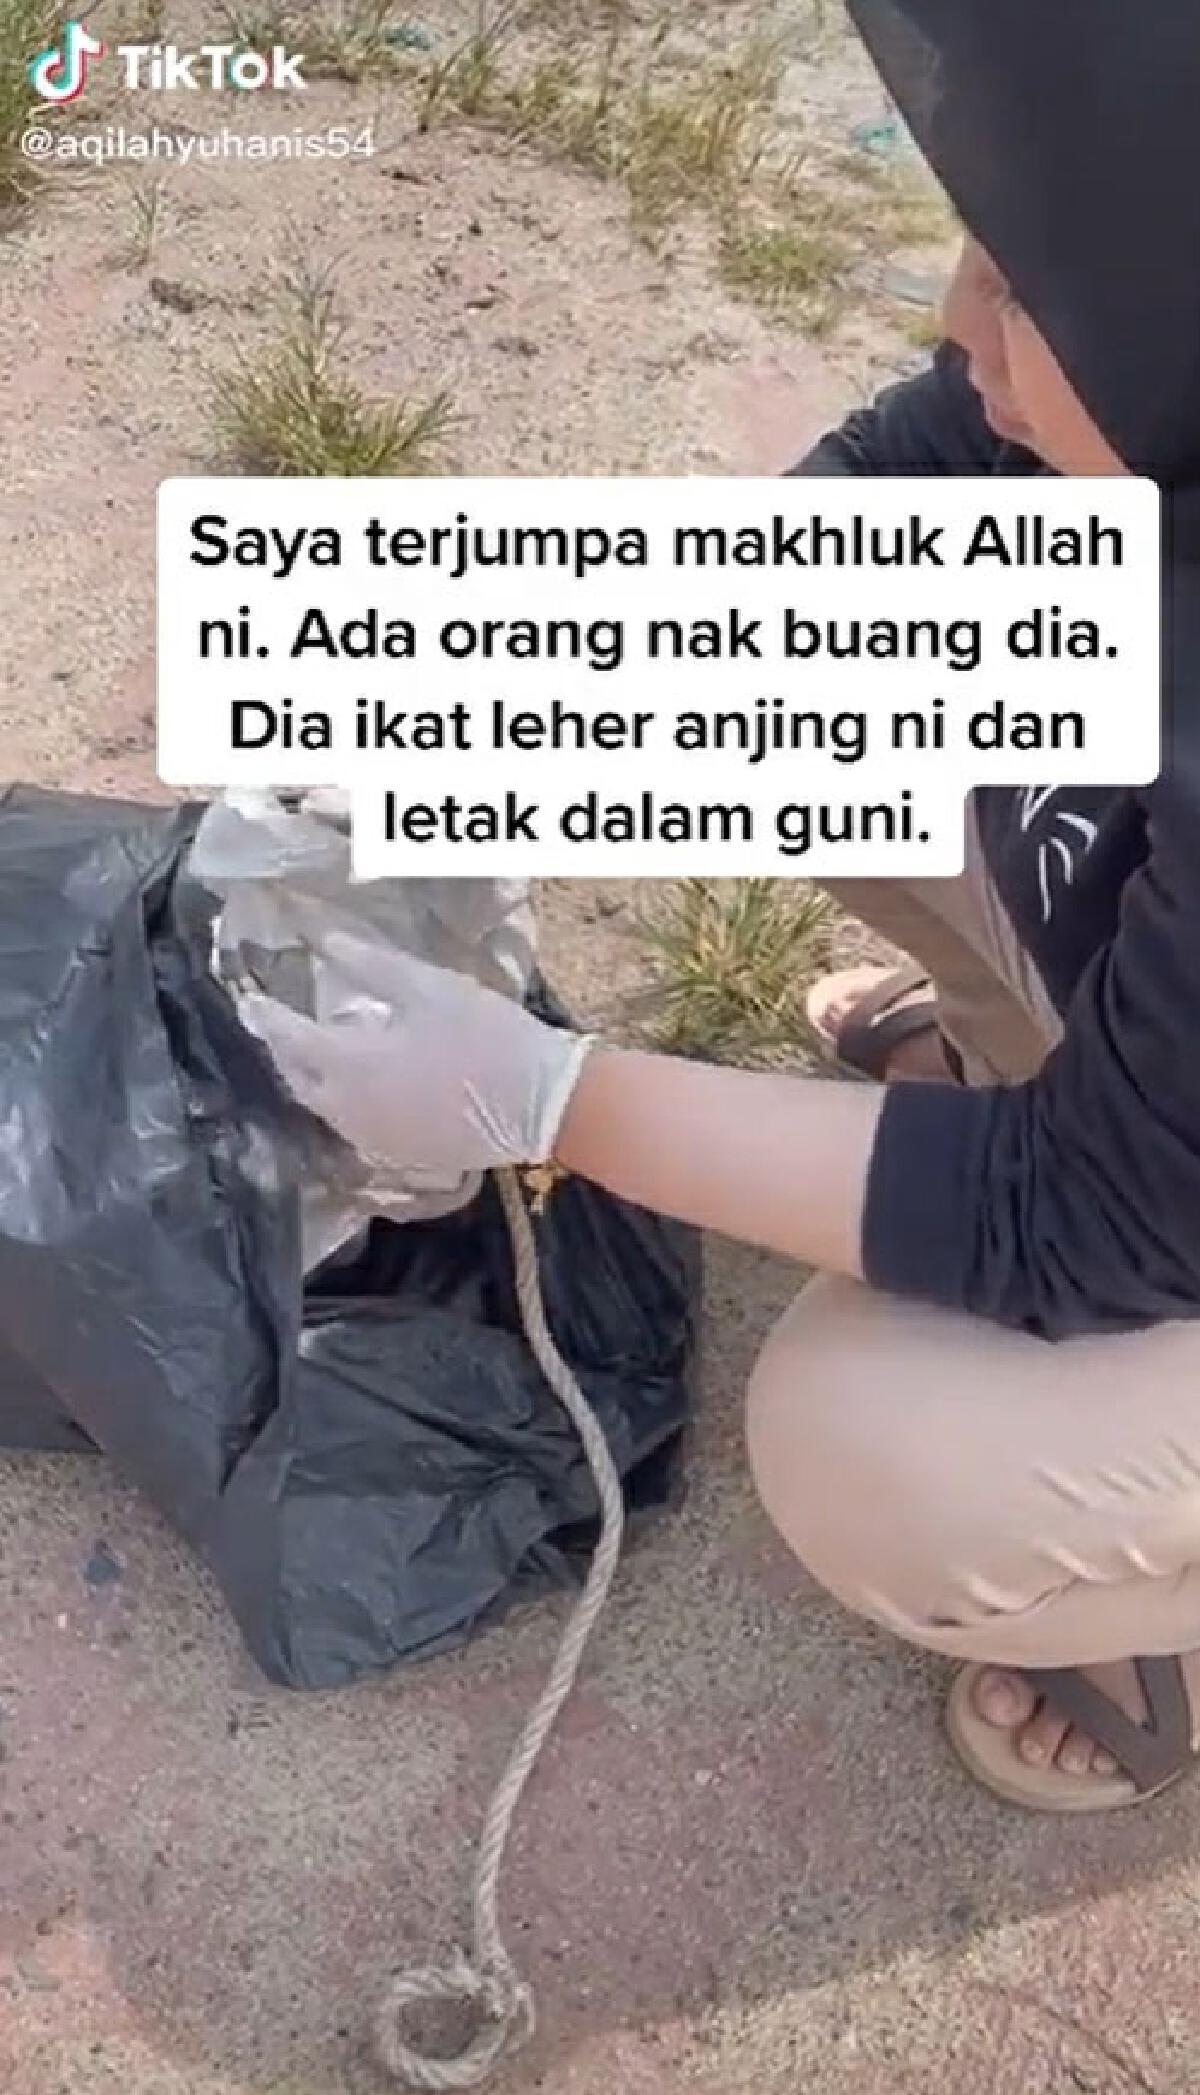 สาวมุสลิมเปิดถุงดำ ก่อนเจอชีวิตน้อยๆ รอคอยให้ช่วย ทำเอาน้ำตาไหลพราก